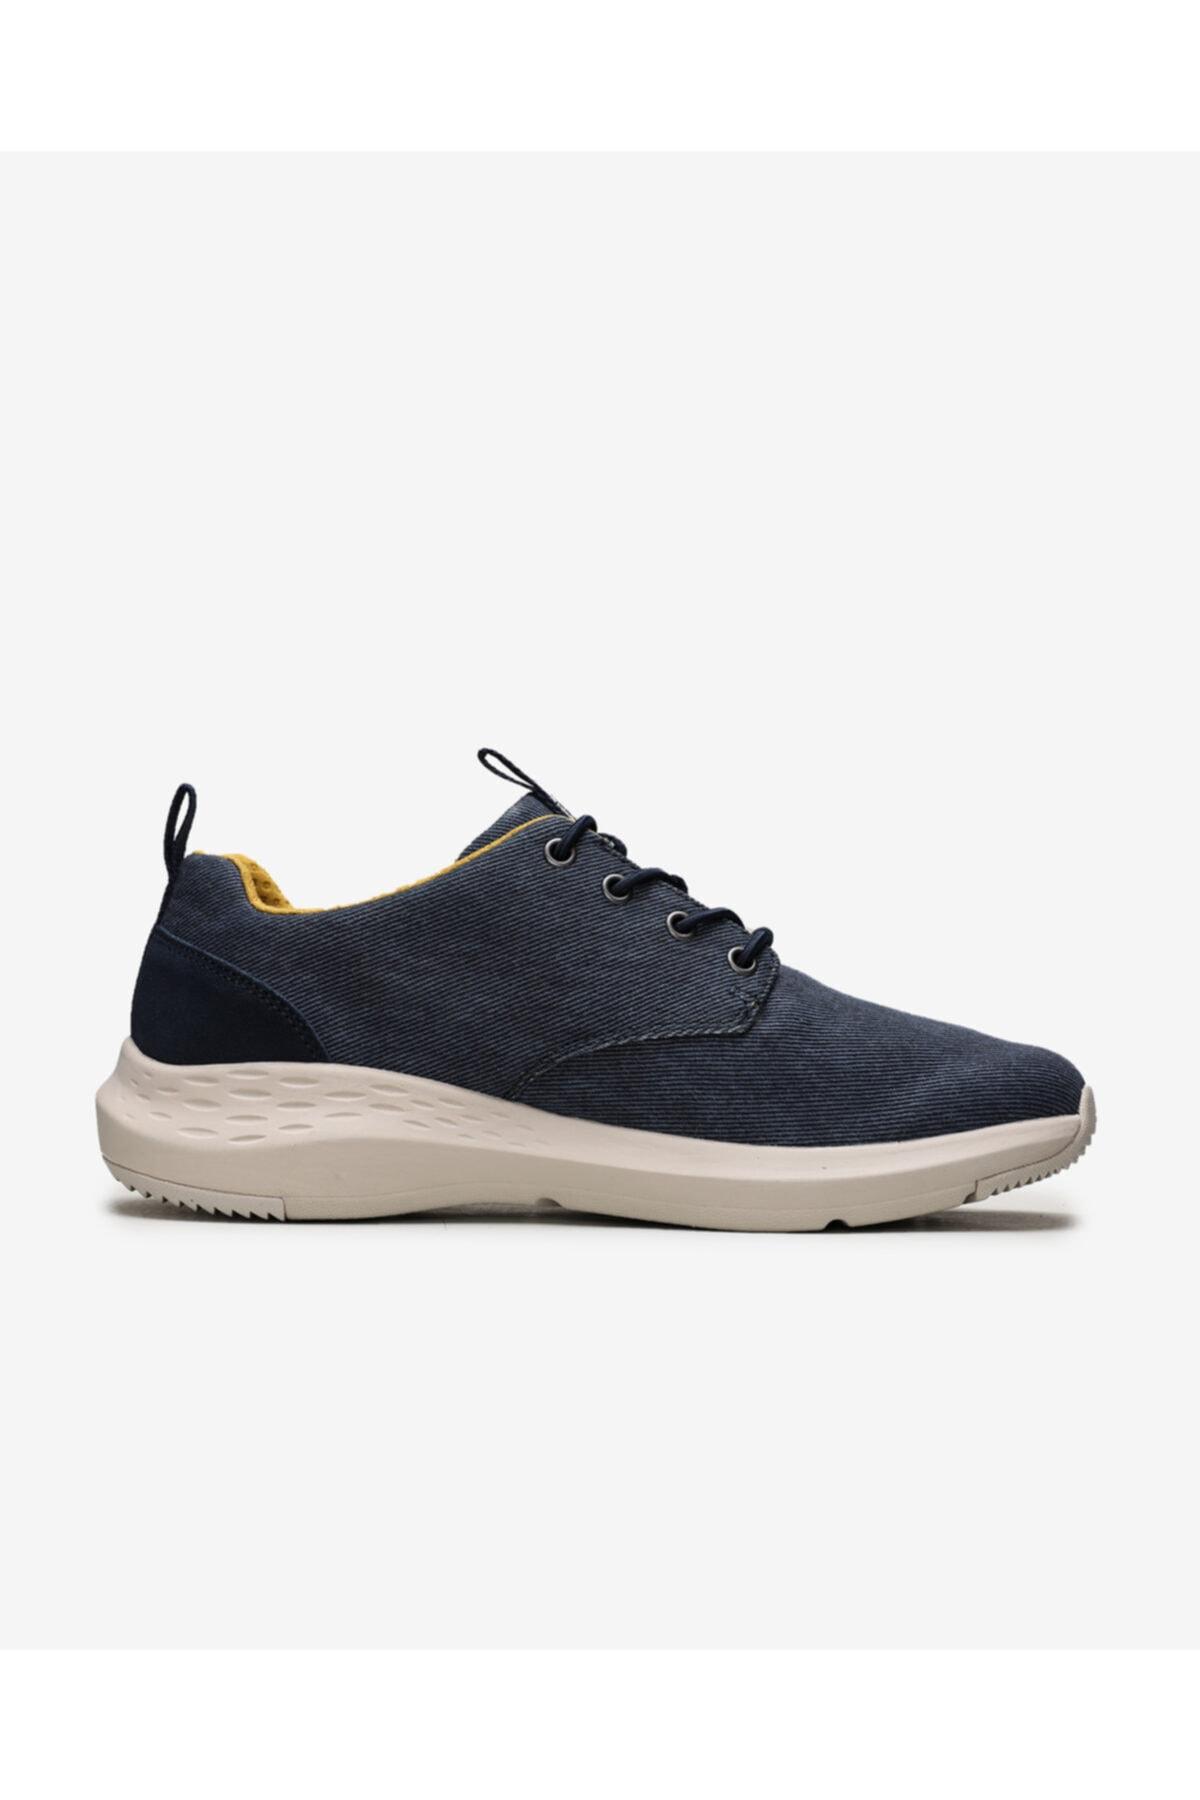 SKECHERS PARSON Erkek Mavi Günlük Ayakkabı 66005 BLU 1